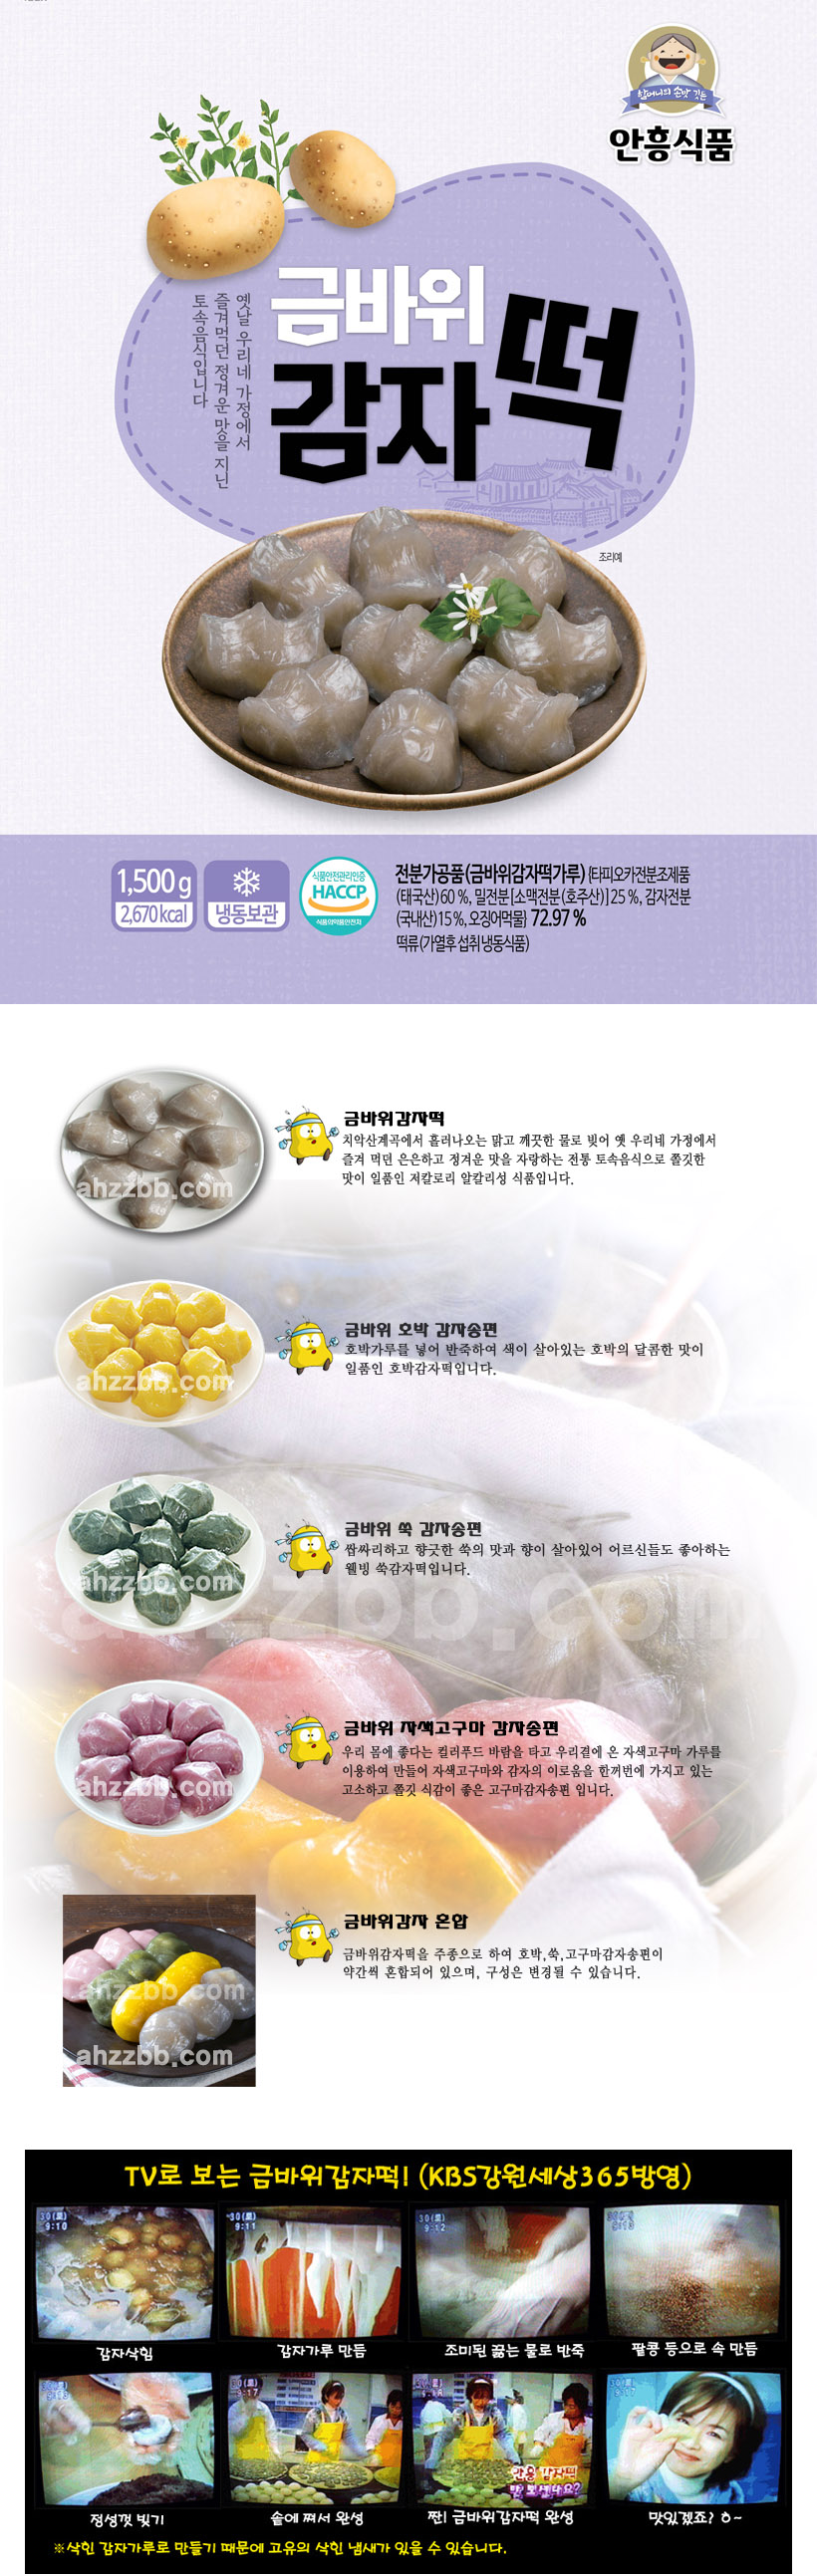 안흥찐빵마을의 금바위감자떡 및 감자송편